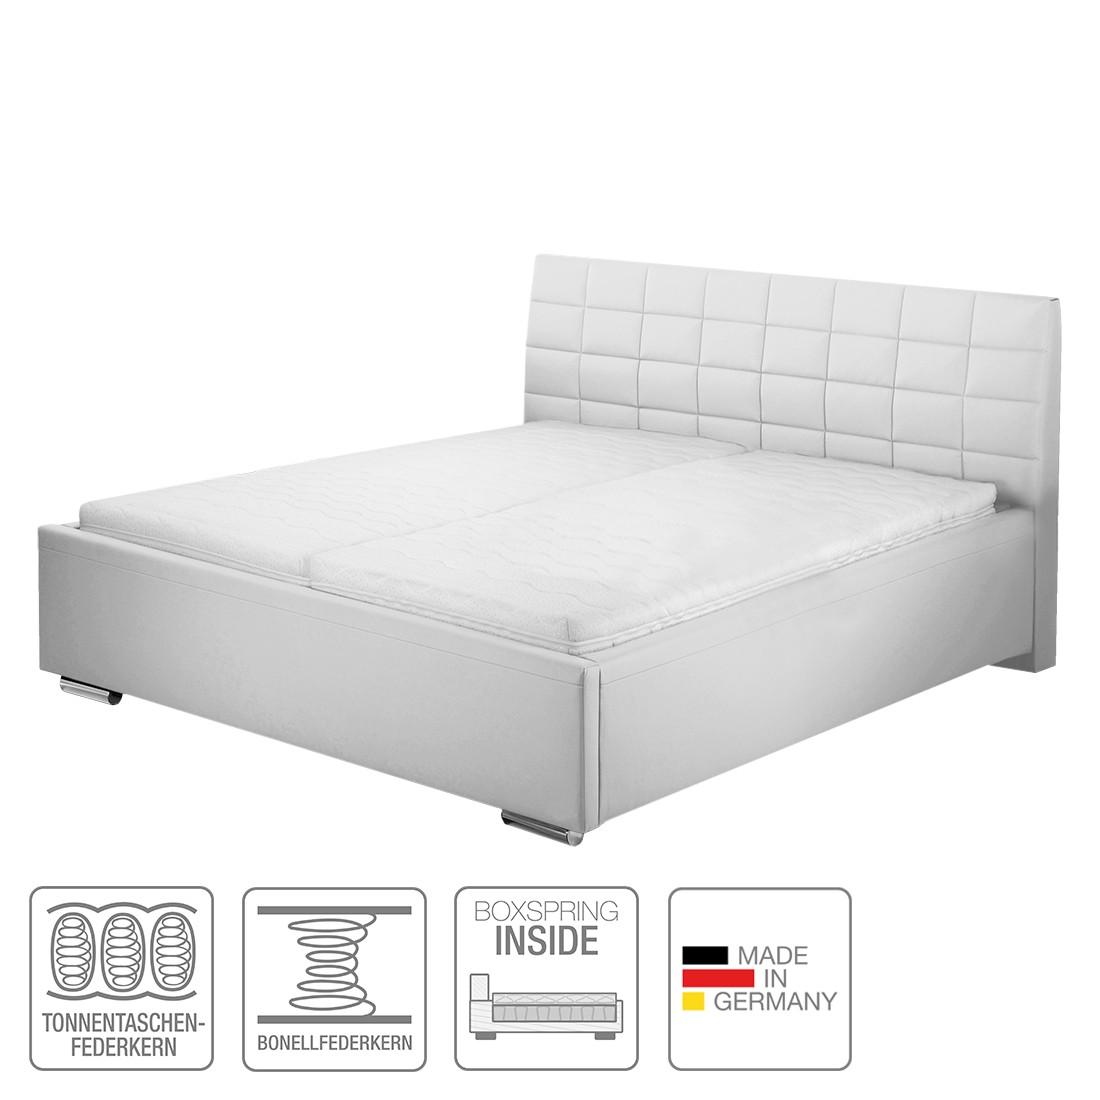 boxspring inside bett victoria kunstleder 160 x 200cm h4 ab 100 kg. Black Bedroom Furniture Sets. Home Design Ideas